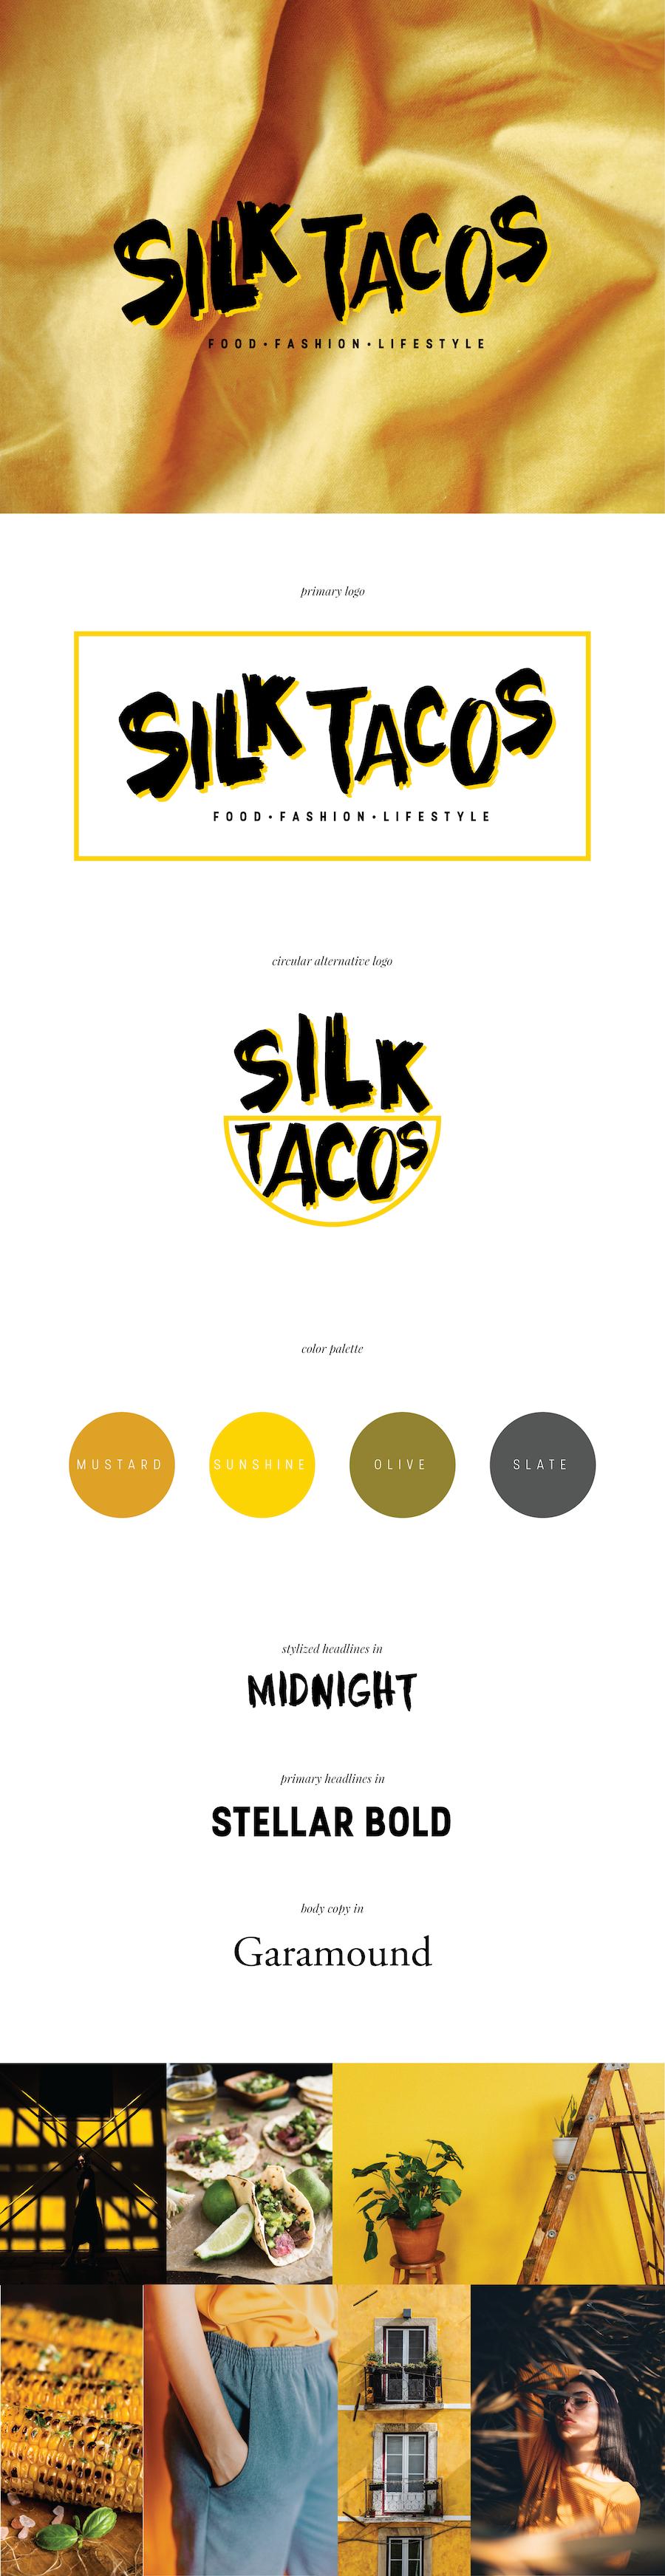 SilkTacos_Branding-07.png